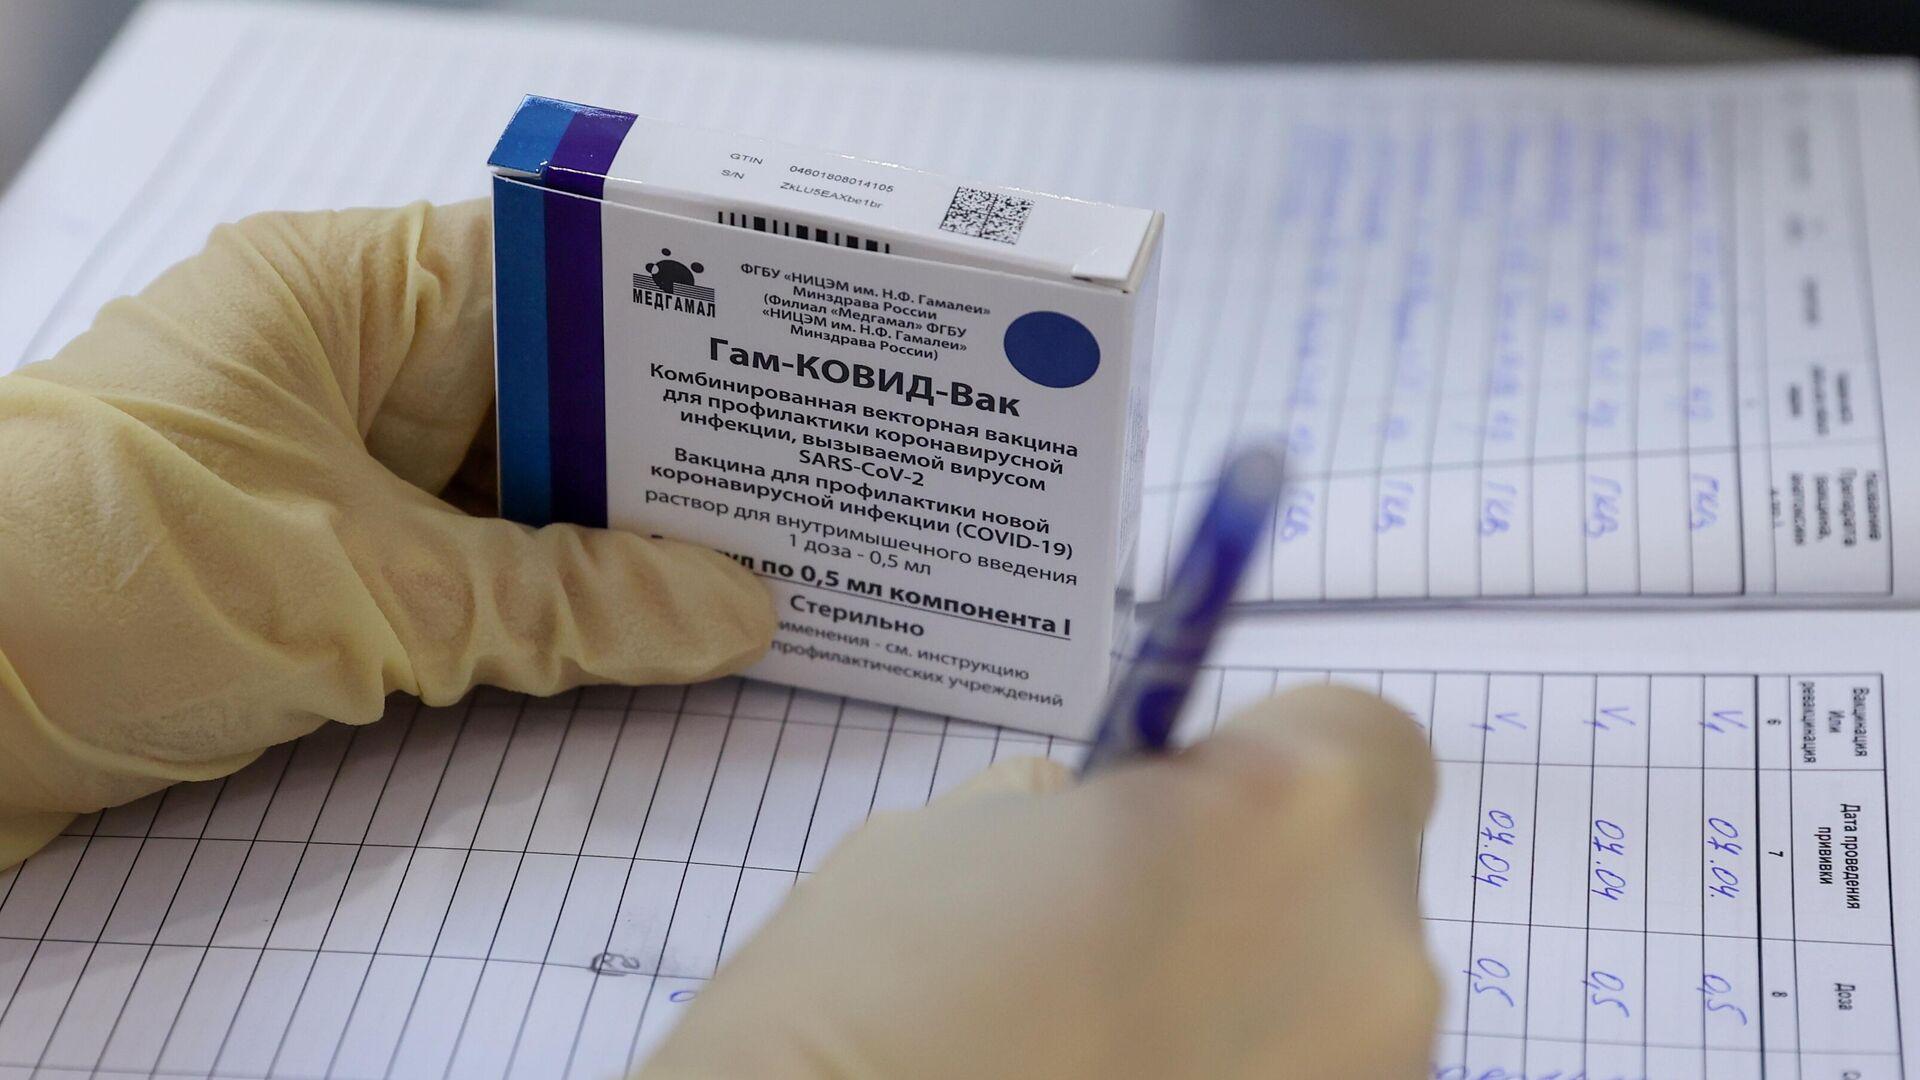 Медицинская сестра держит в руке упаковку с вакциной Гам-КОВИД-Вак (Спутник V)  - РИА Новости, 1920, 07.04.2021